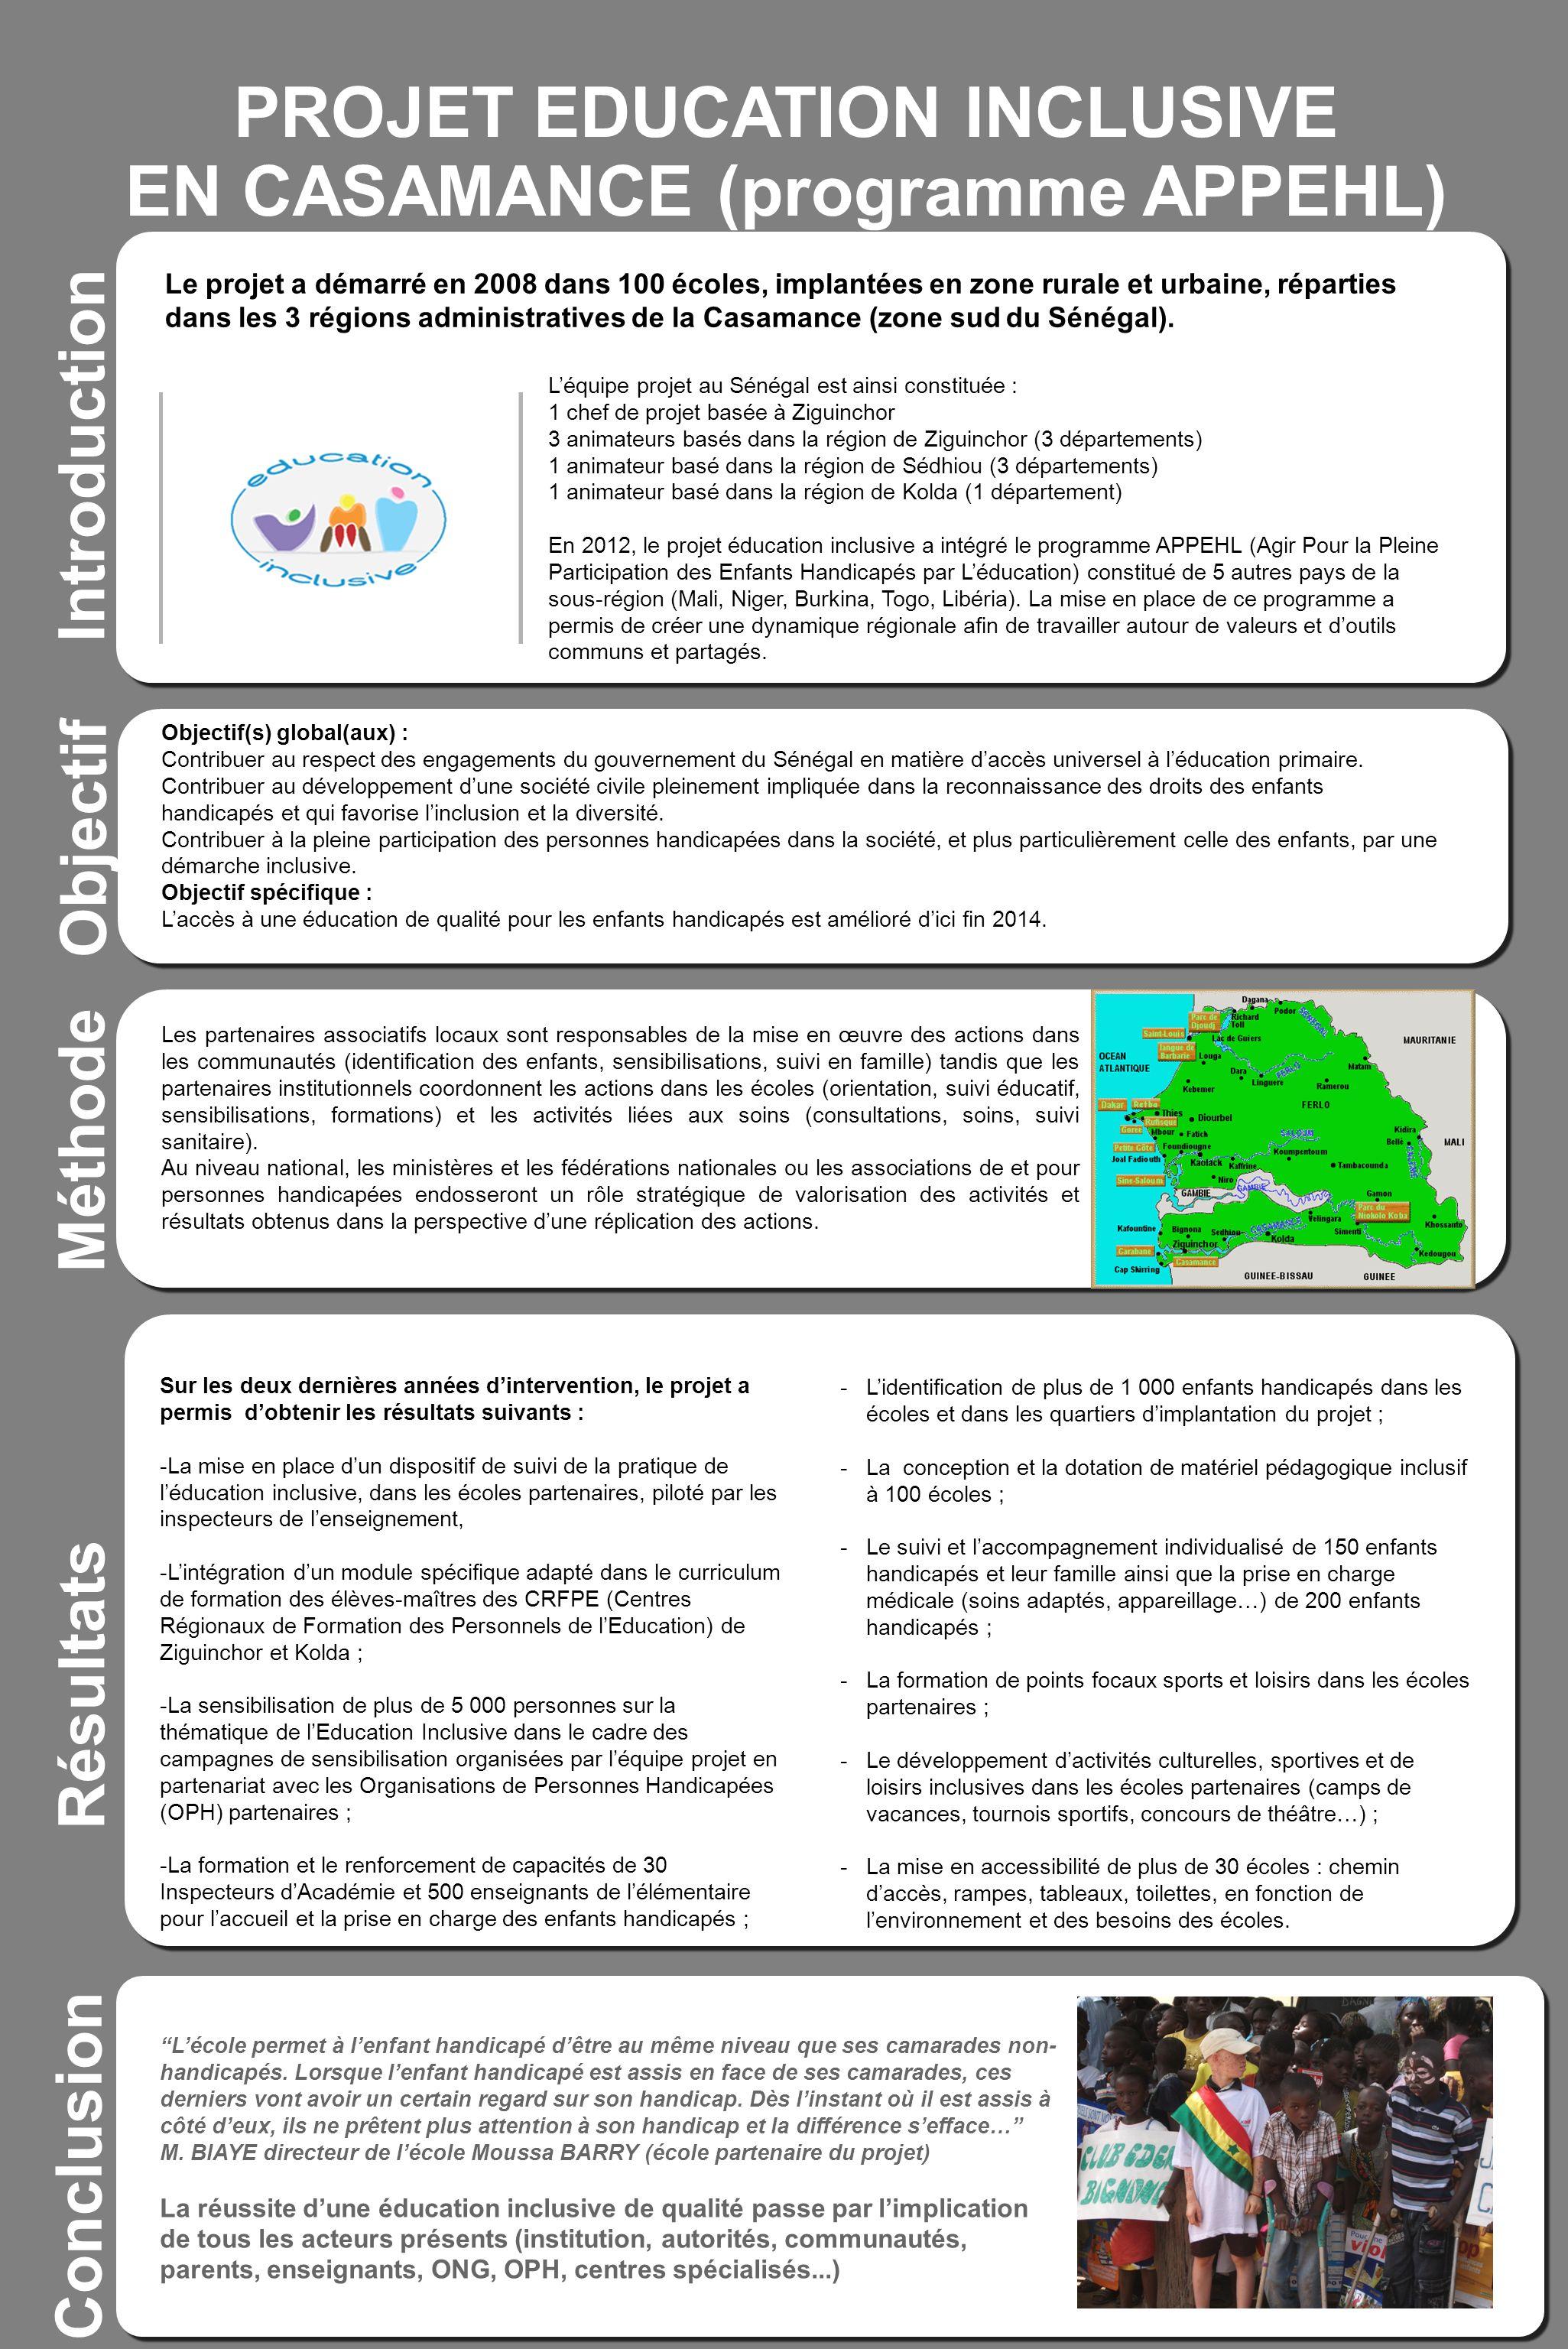 PROJET EDUCATION INCLUSIVE EN CASAMANCE (programme APPEHL) Sous-titre sous-titre sous-titre sous-titre sous-titre Introduction Méthode Résultats Sur l